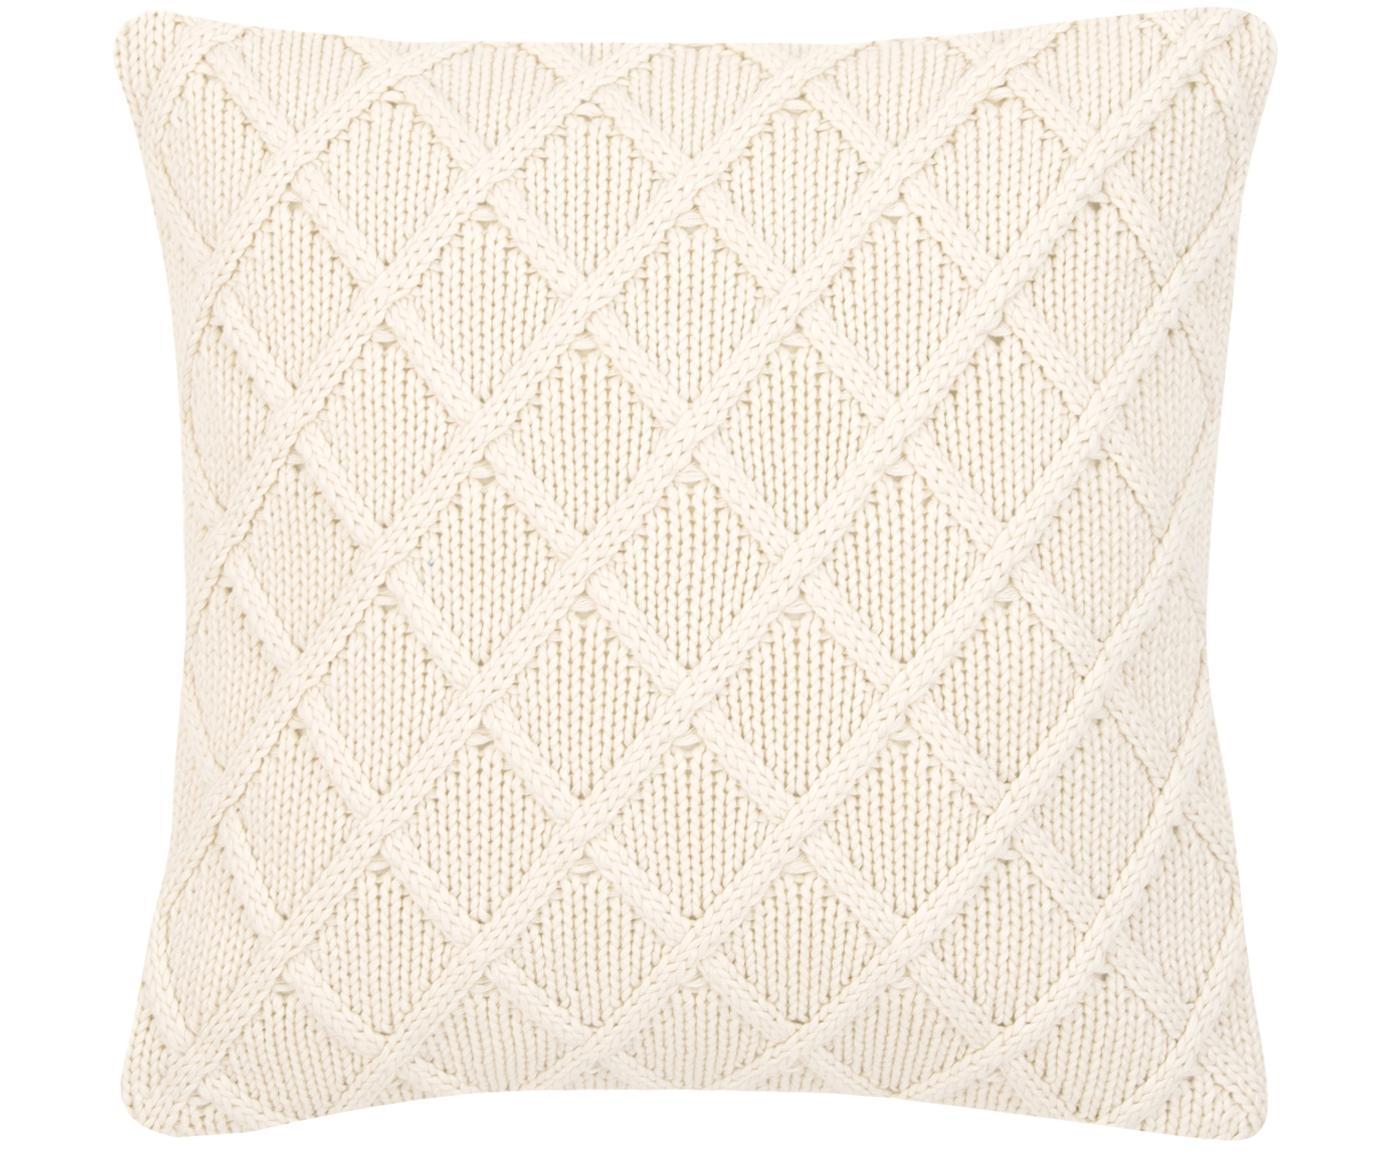 Federa arredo fatta a maglia Elly, 100% cotone, Bianco crema, Larg. 40 x Lung. 40 cm